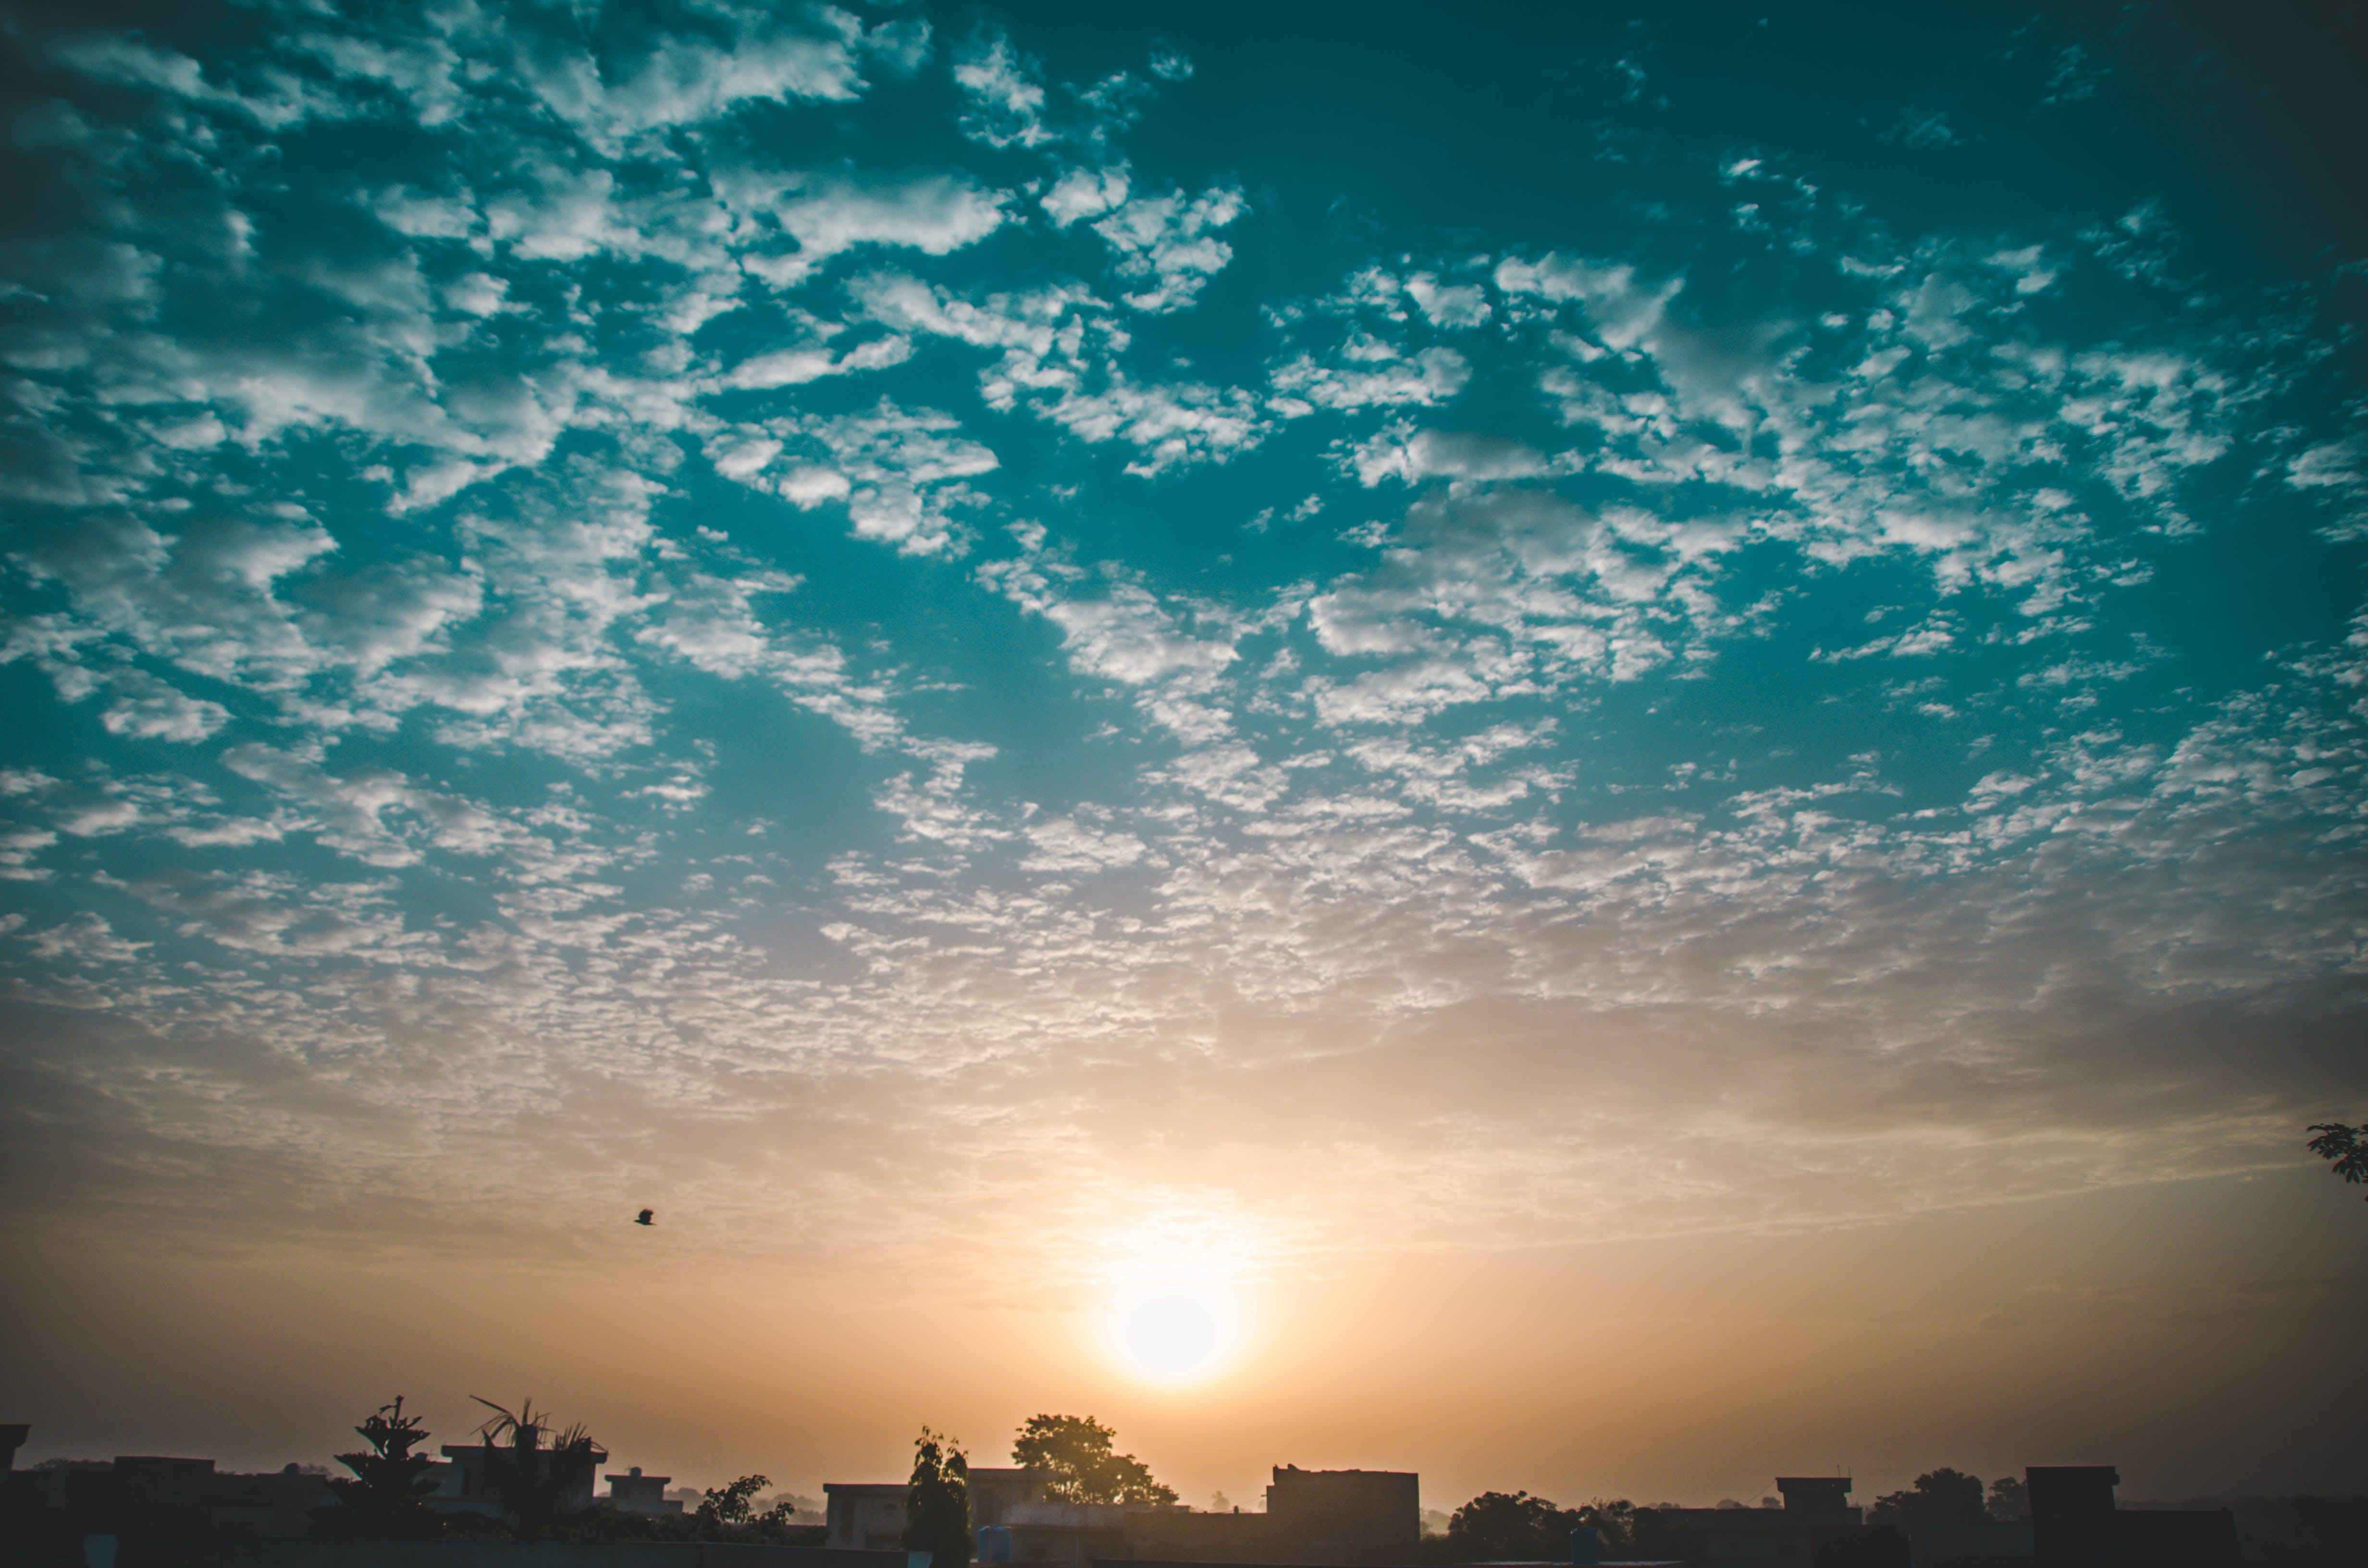 Kostenloses Stock Foto zu abend, abenteuer, blauer himmel, himmel